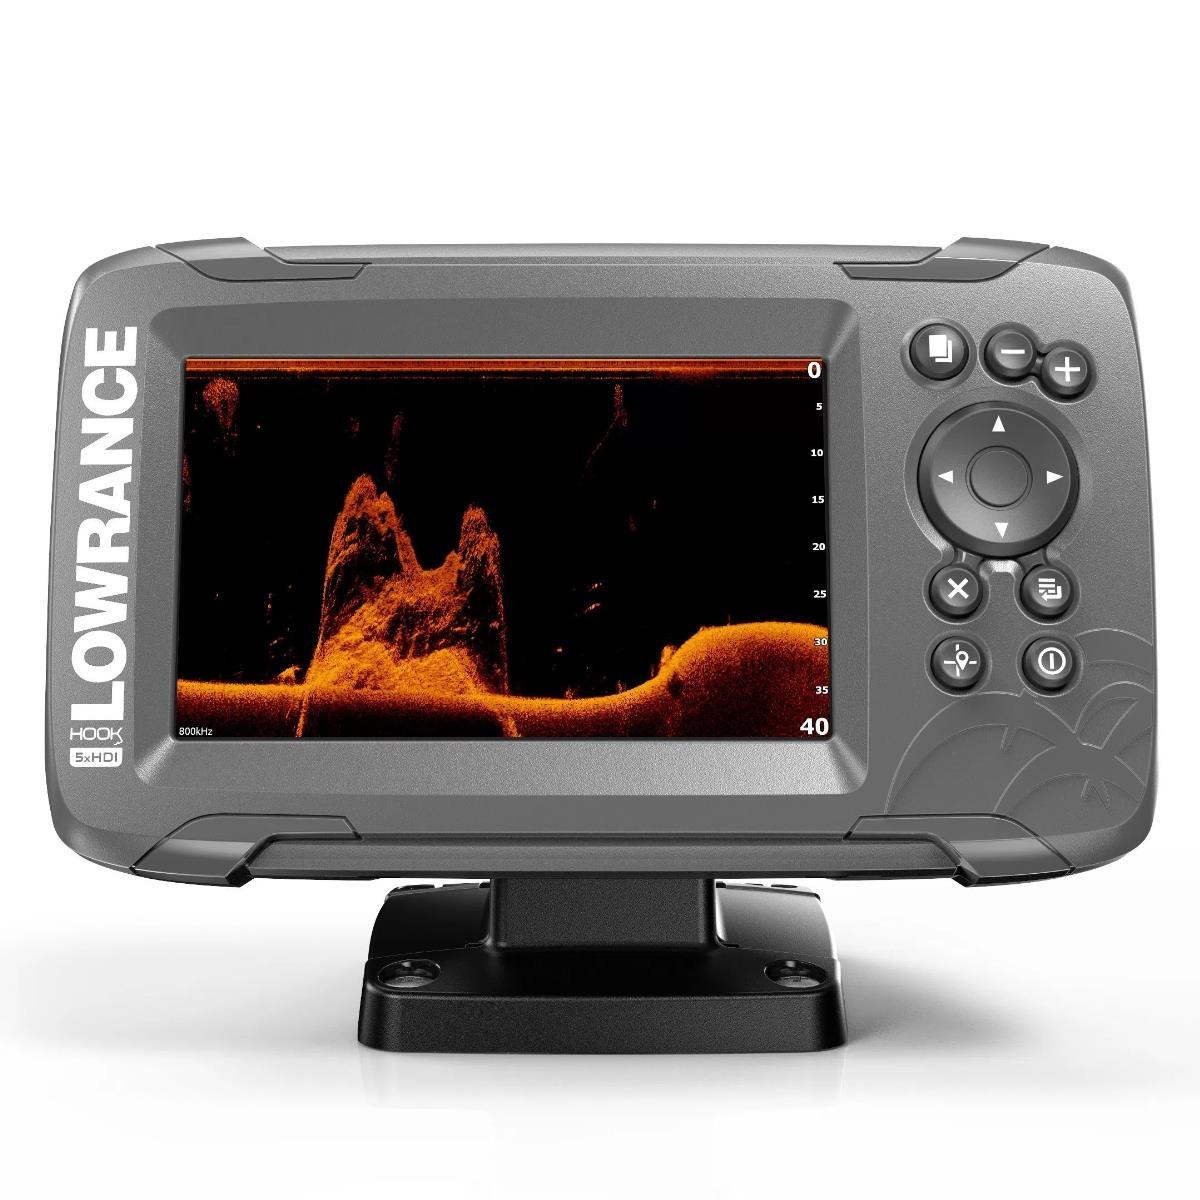 Sirena Lowrance hook2-5x GPS splitshot (000-14016-001)